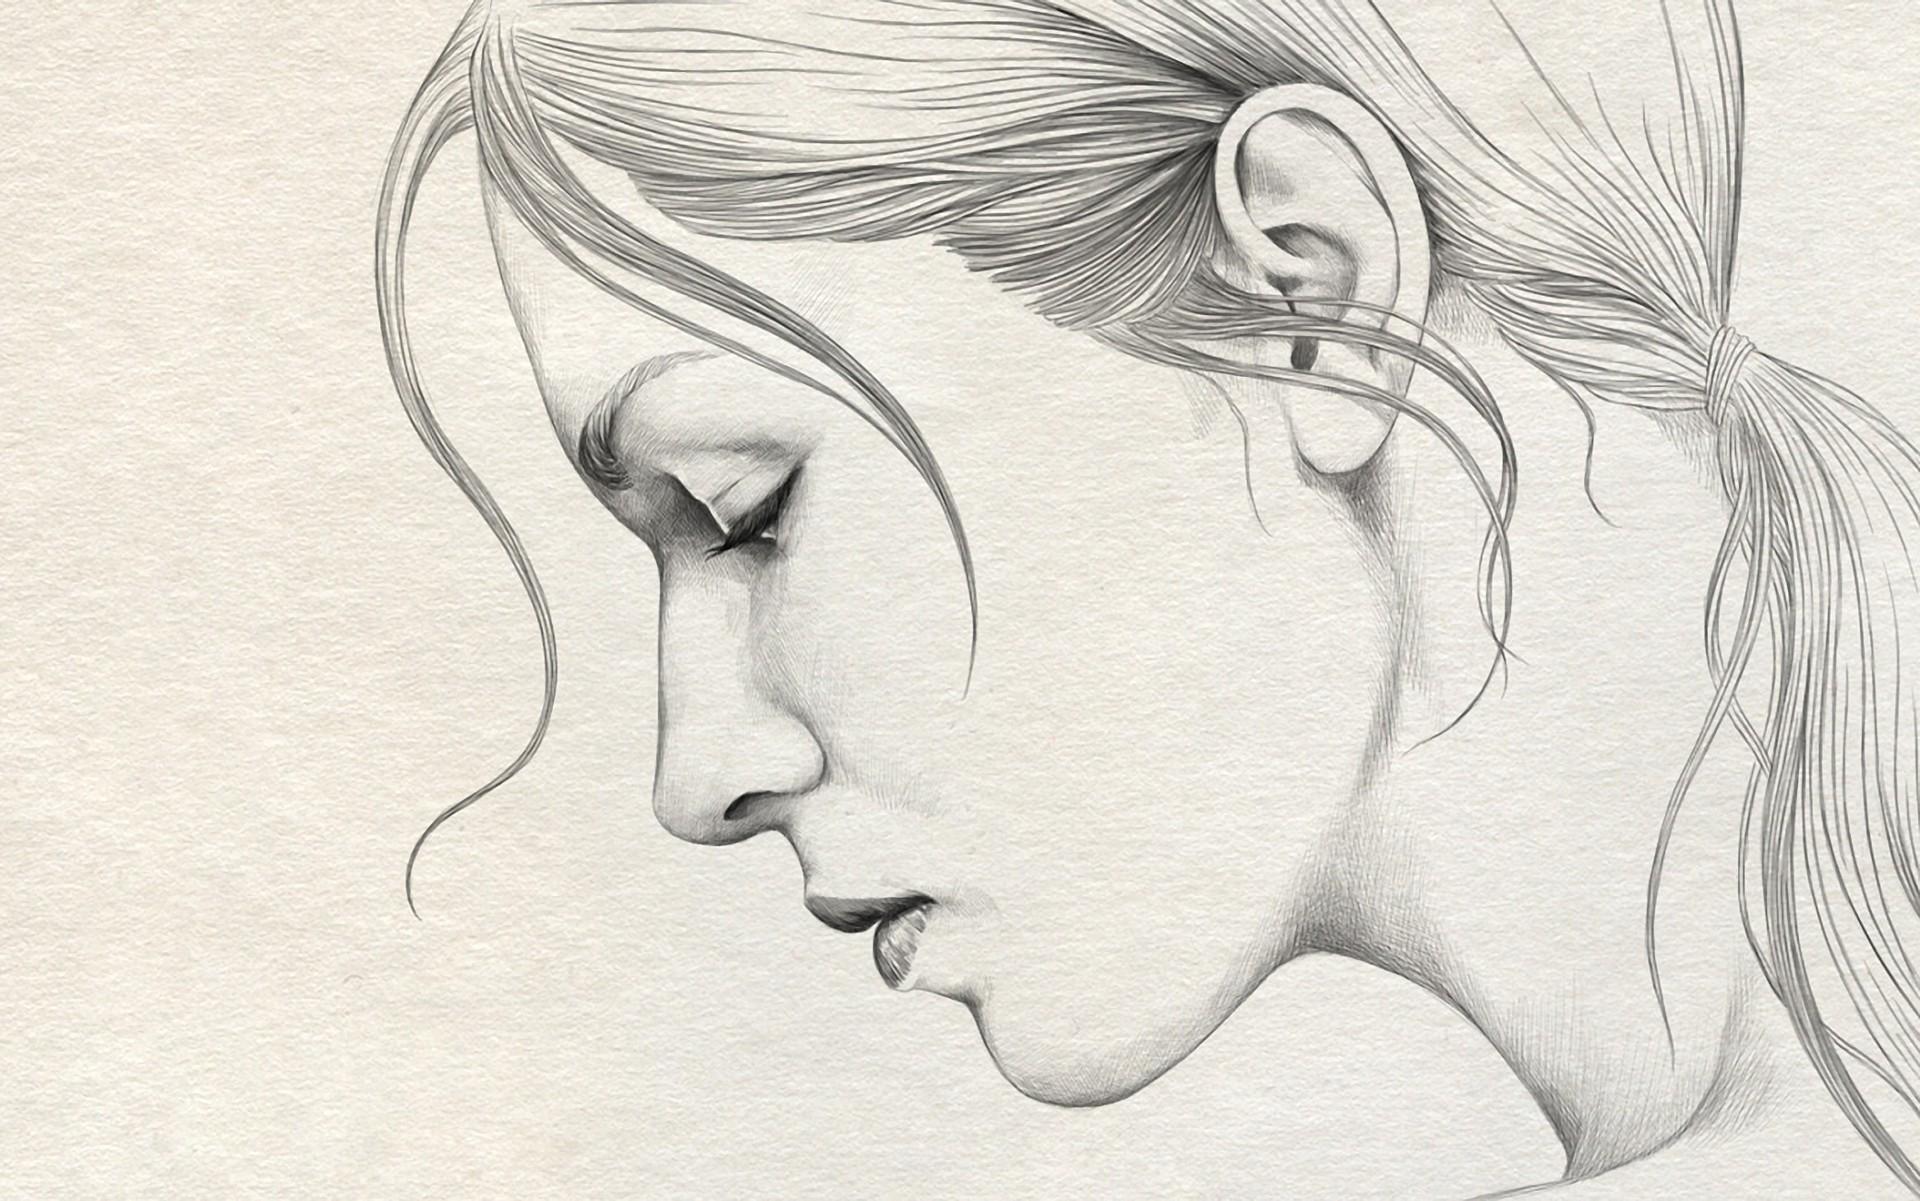 Gambar ilustrasi wanita karya seni profil garis seni gambar kartun sayap sketsa dada hitam dan putih